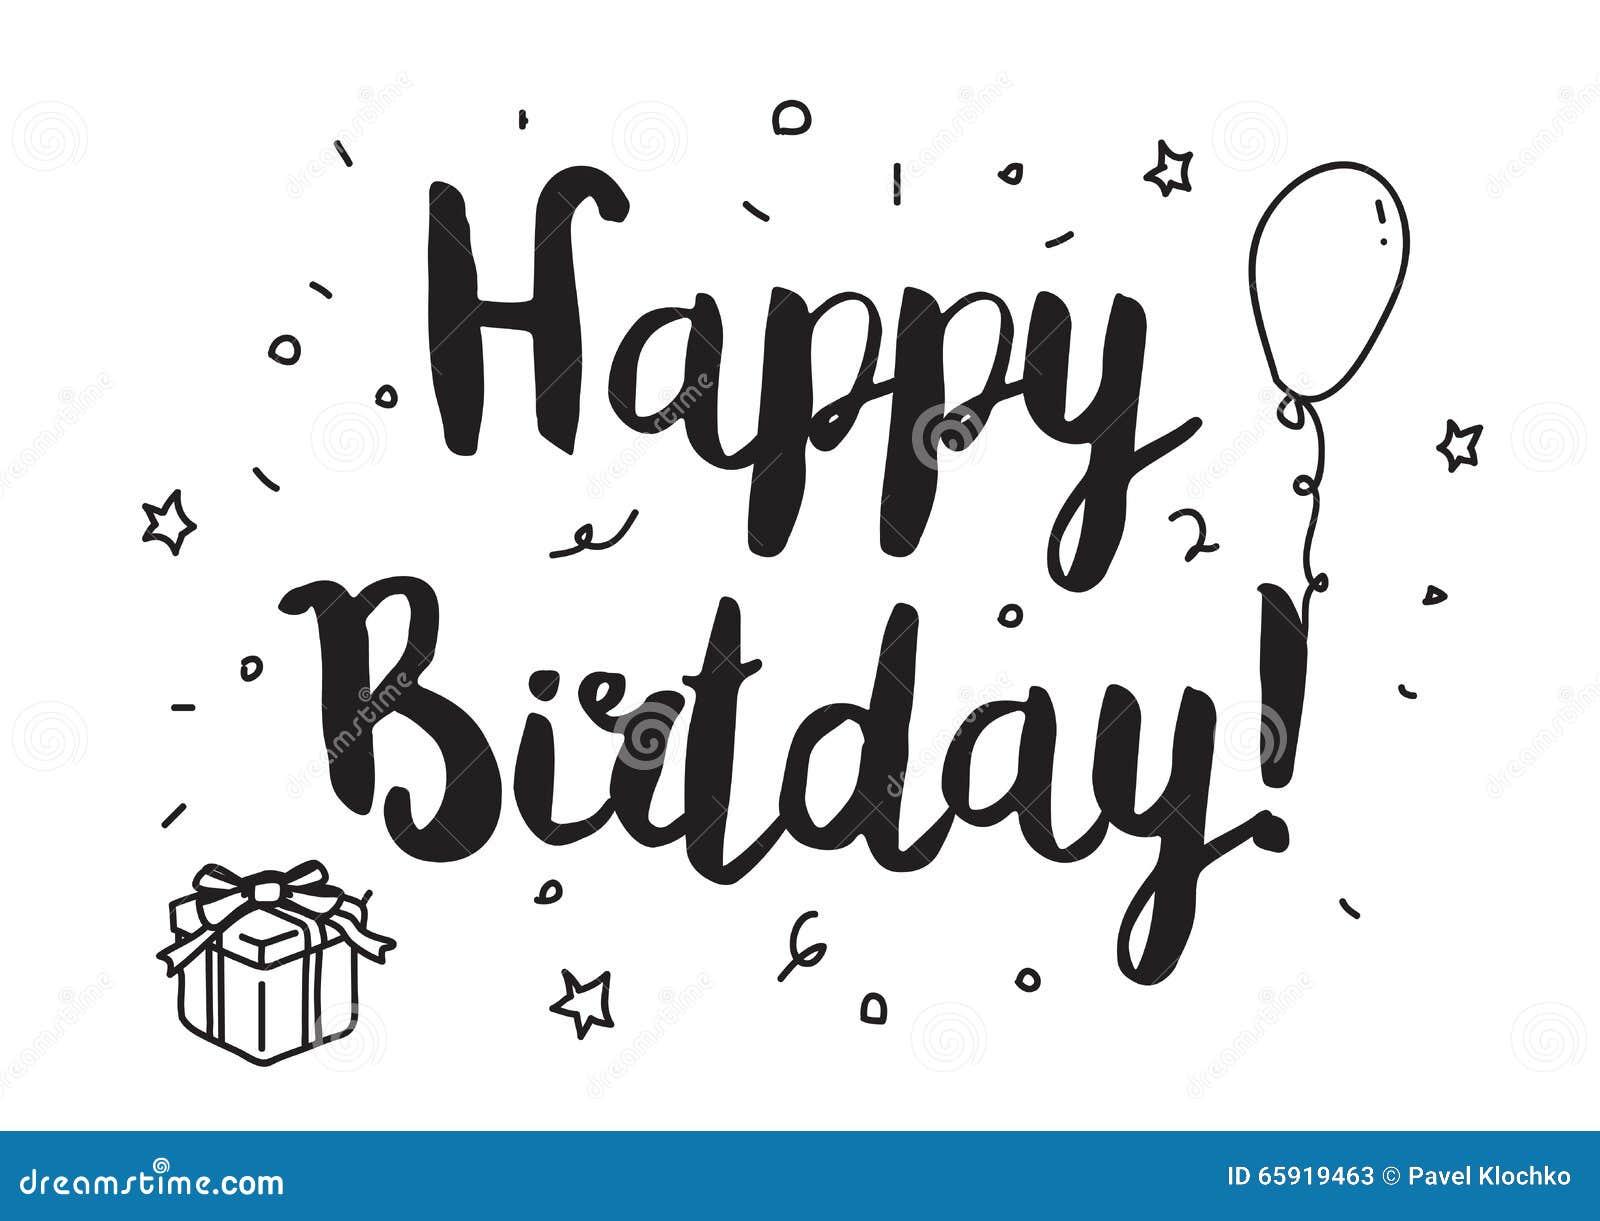 Geburtstagswünsche - Schöne und herzliche